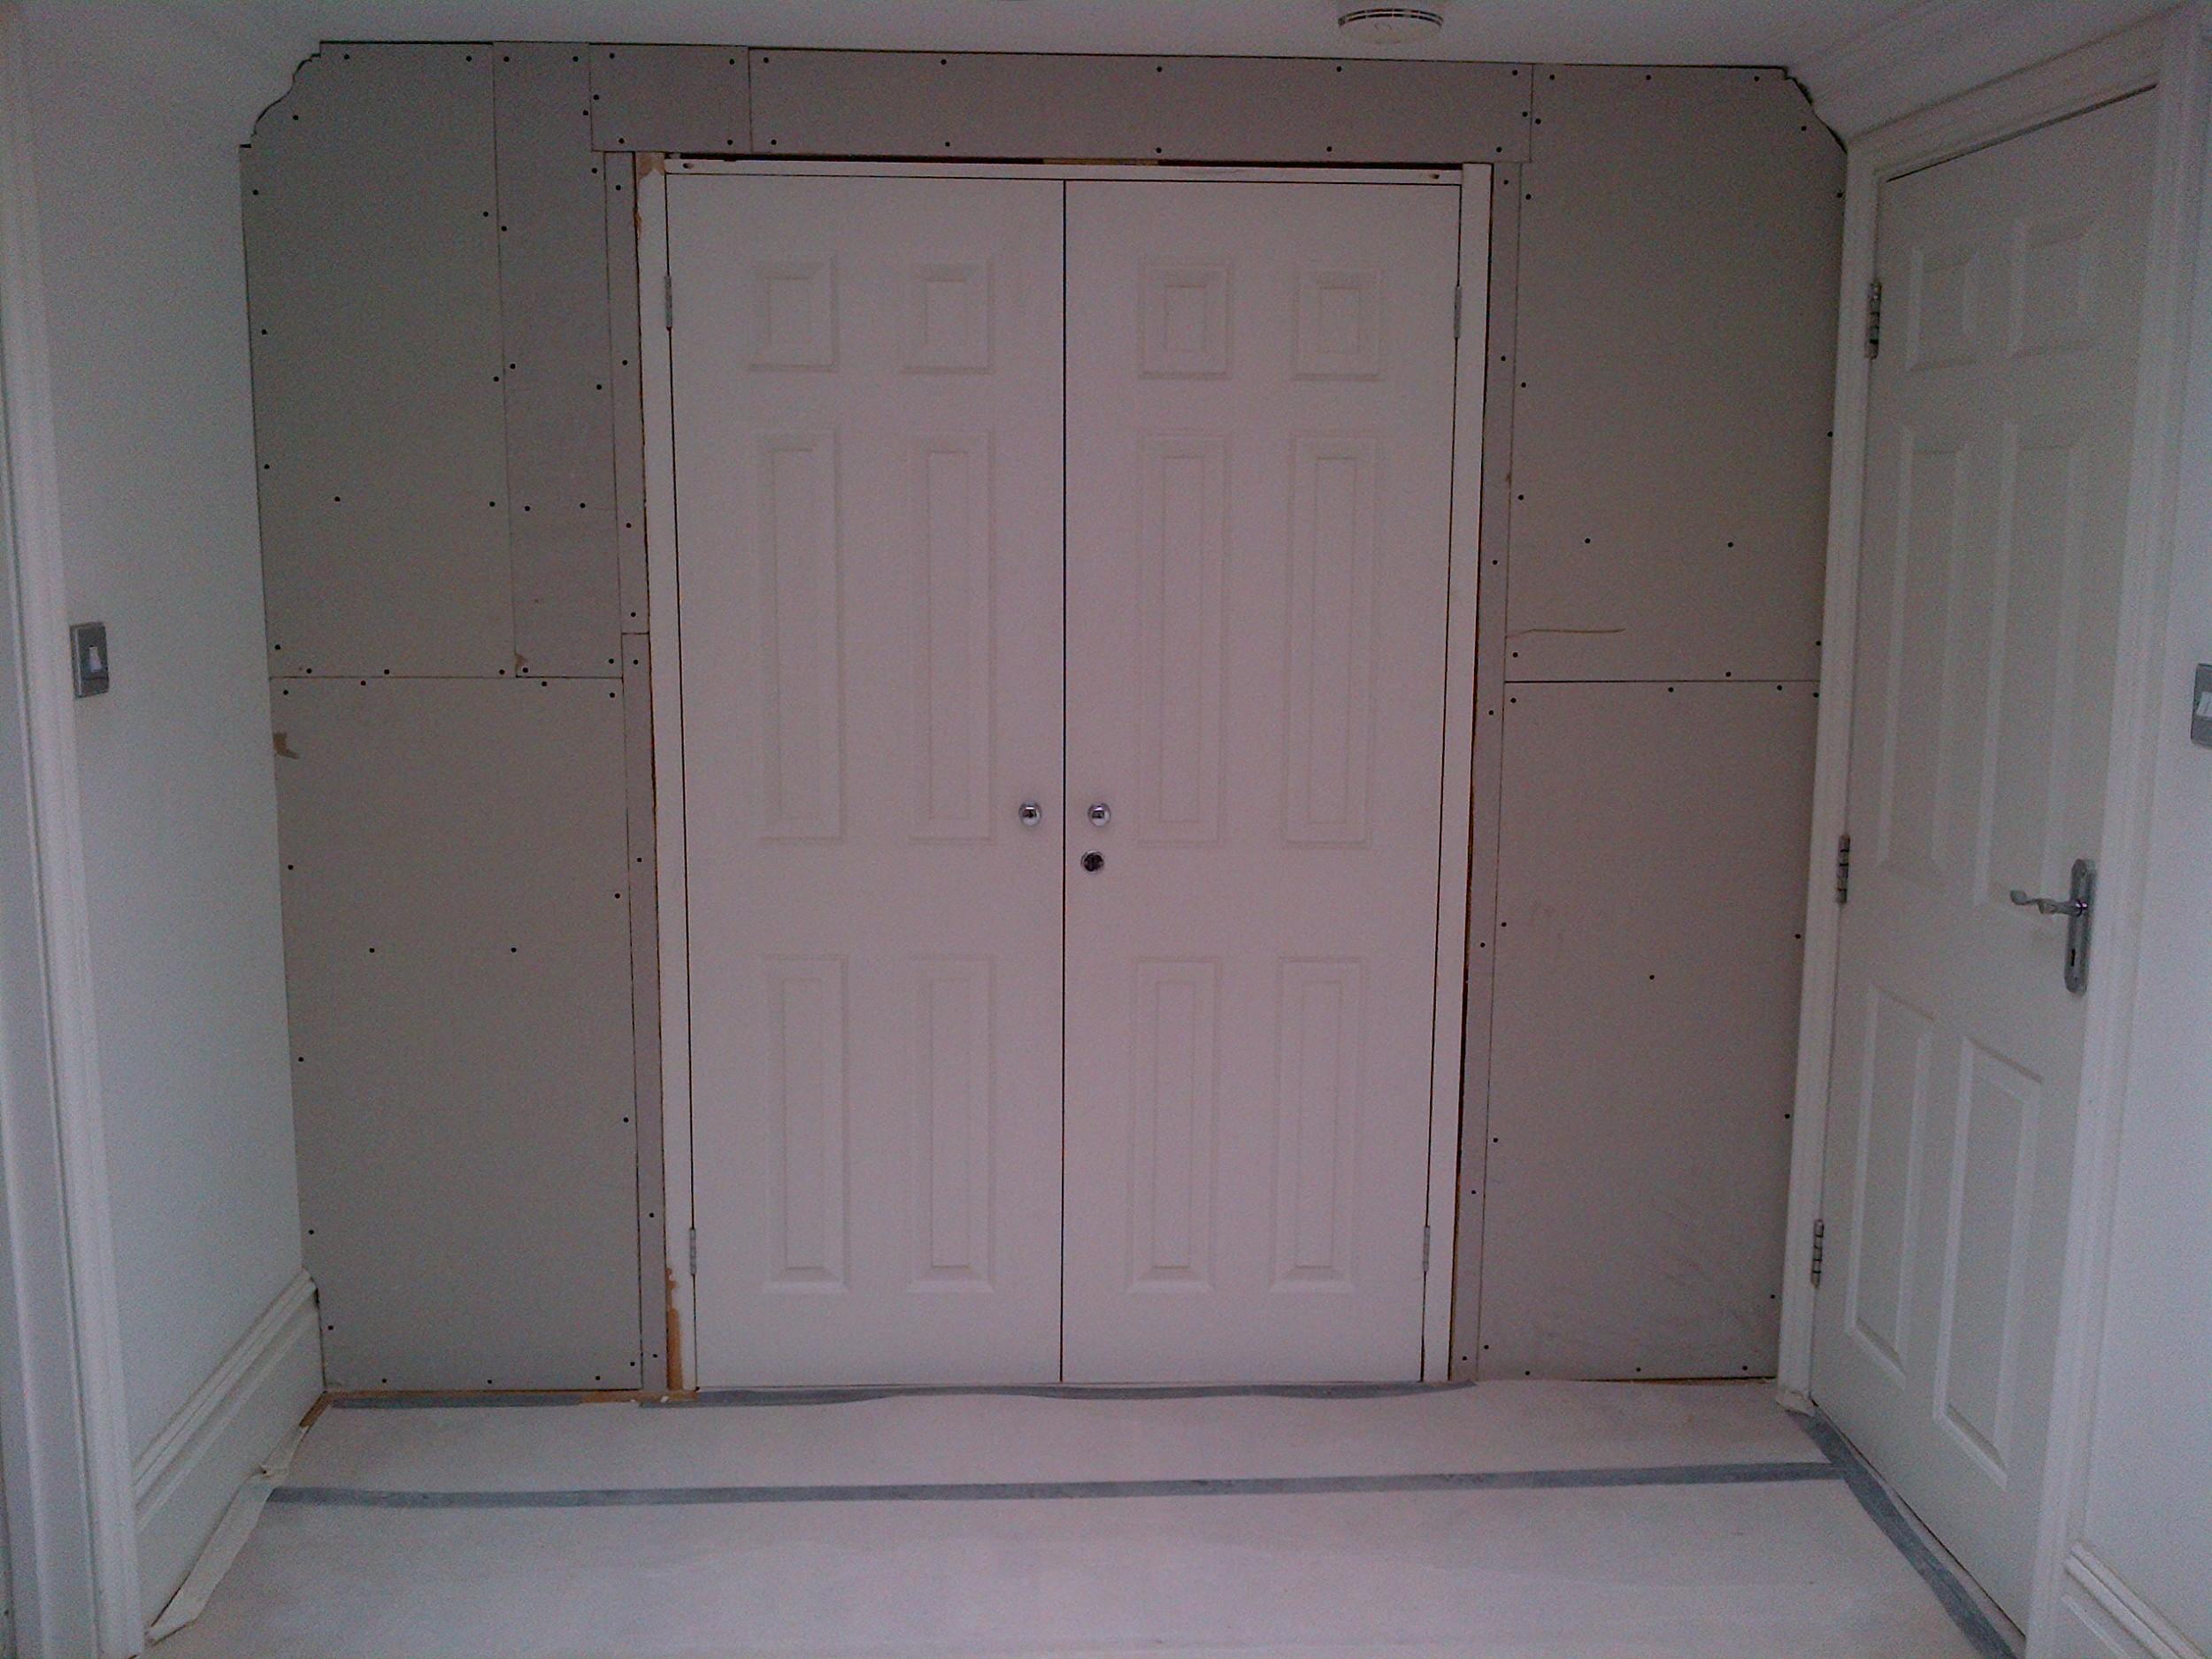 36 Lauderdale - Master bedroom - Walkin wardrobe - doors are in place.jpg